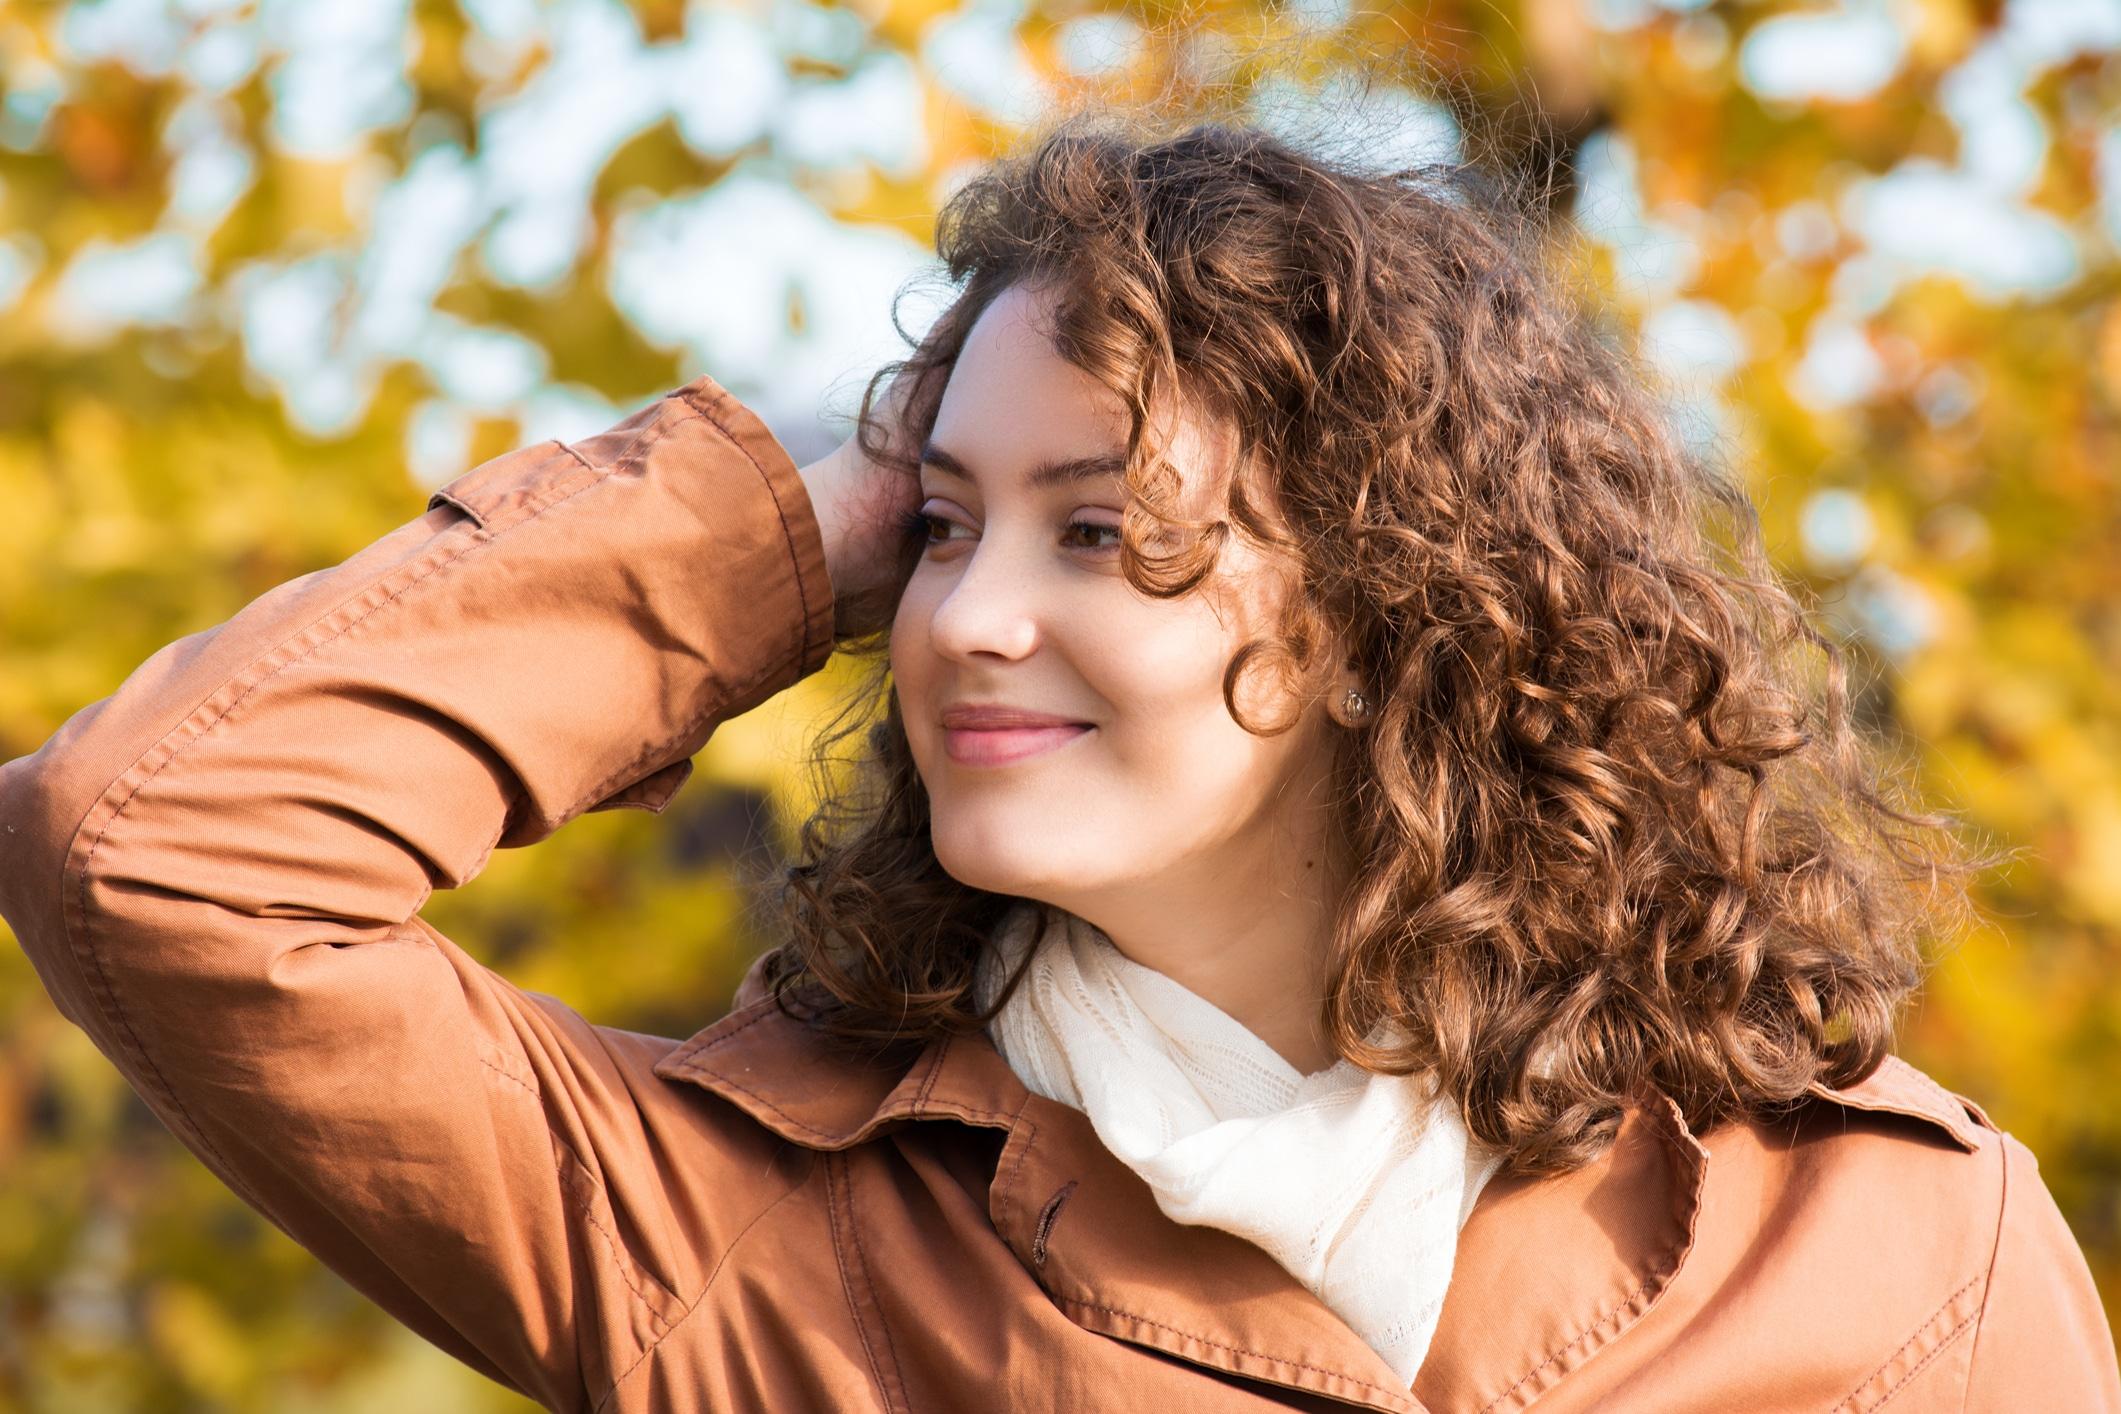 iStock 536849842 - Cabelo loiro escuro: 30 fotos, dicas de coloração, cuidados e manutenção